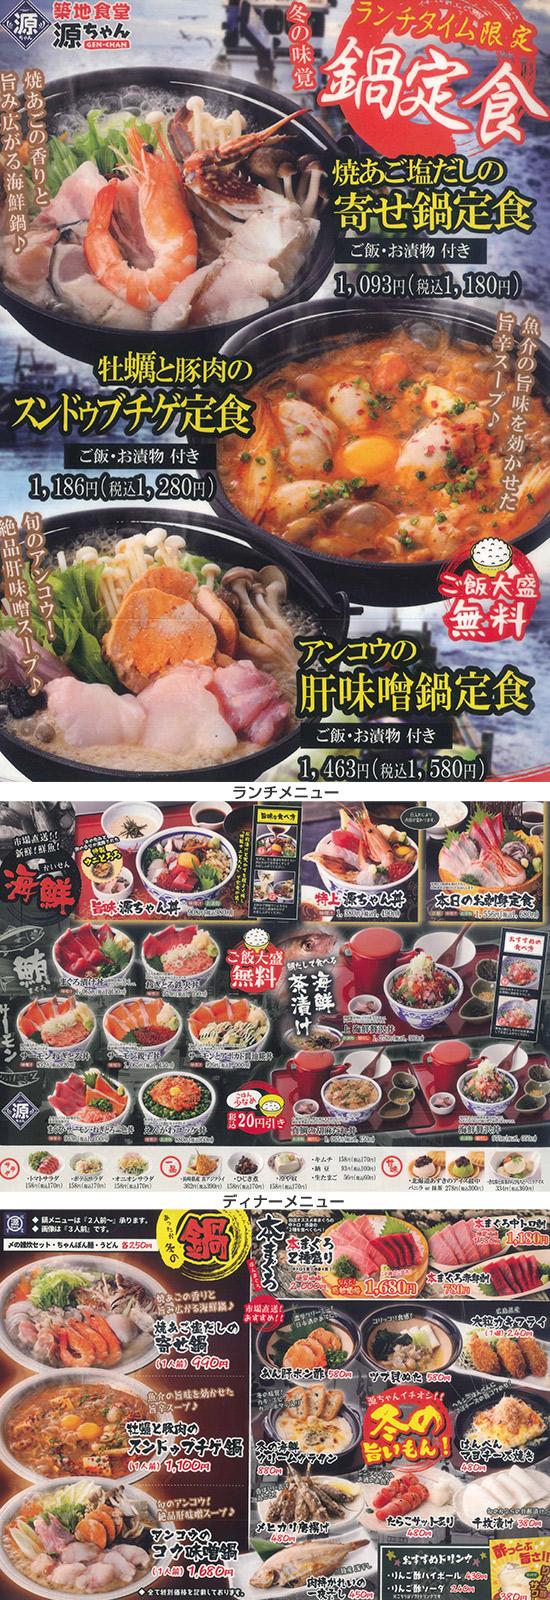 冬の味覚「鍋定食」ランチタイム限定で販売開始!